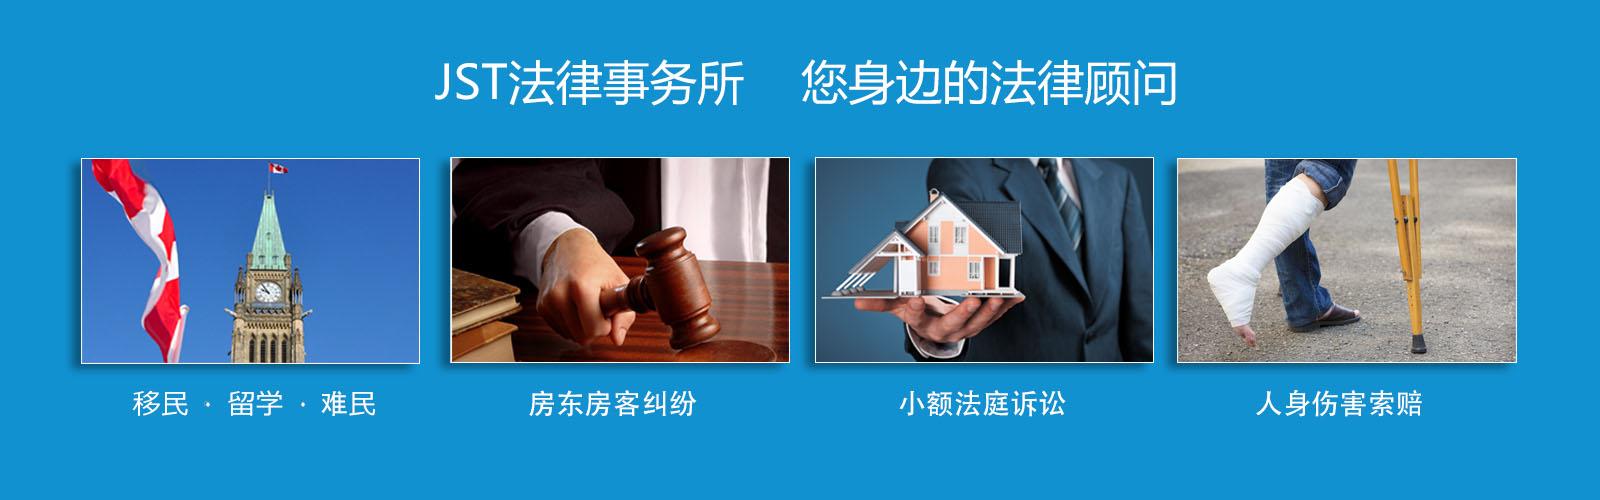 homepage-Chinese